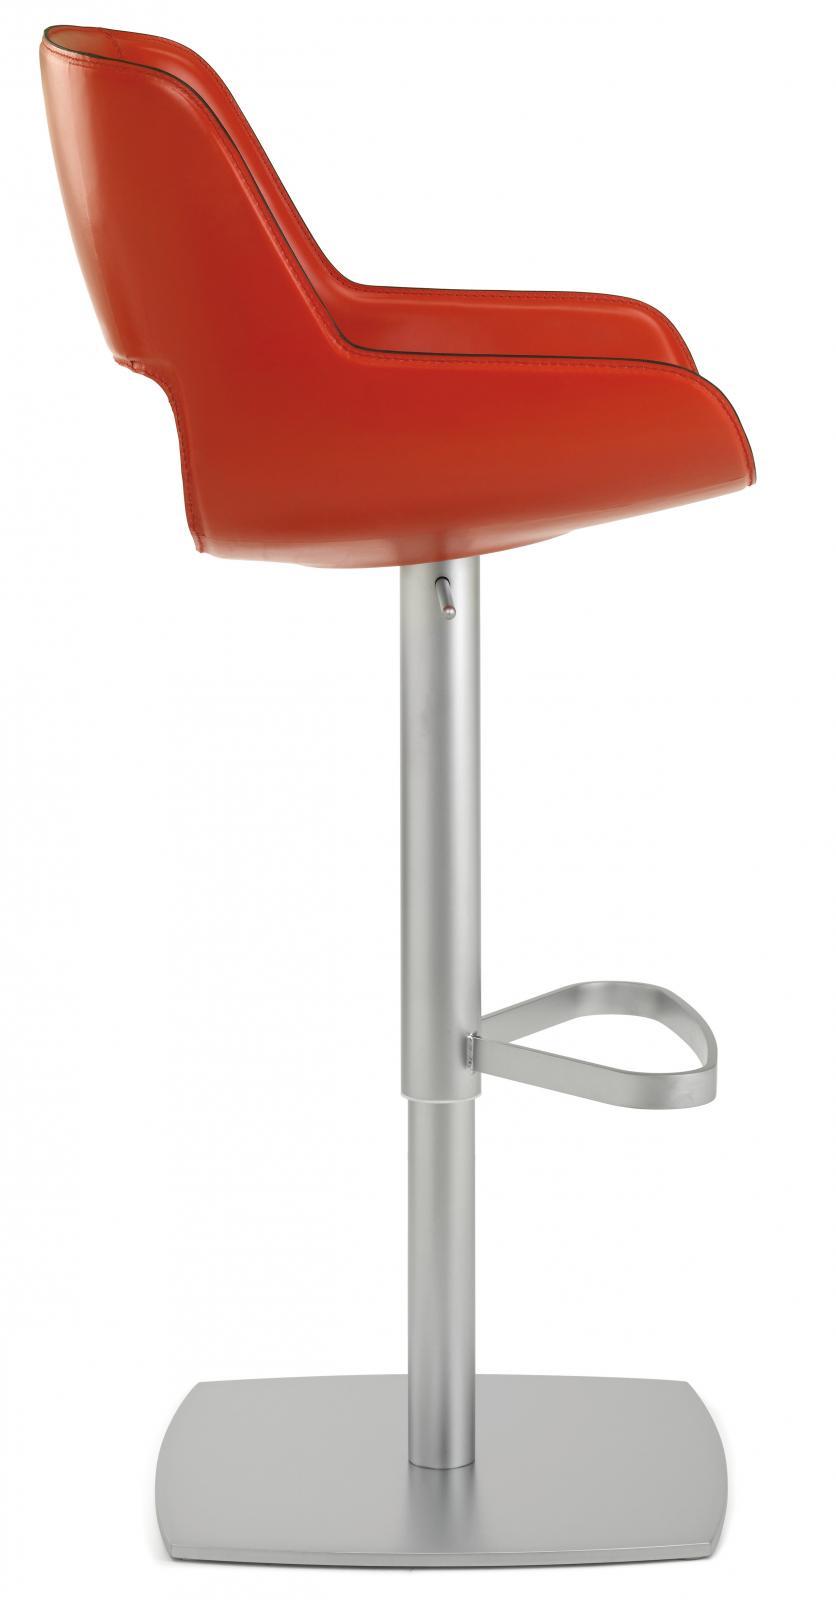 BAR 119 Modern Italian Bar Stool